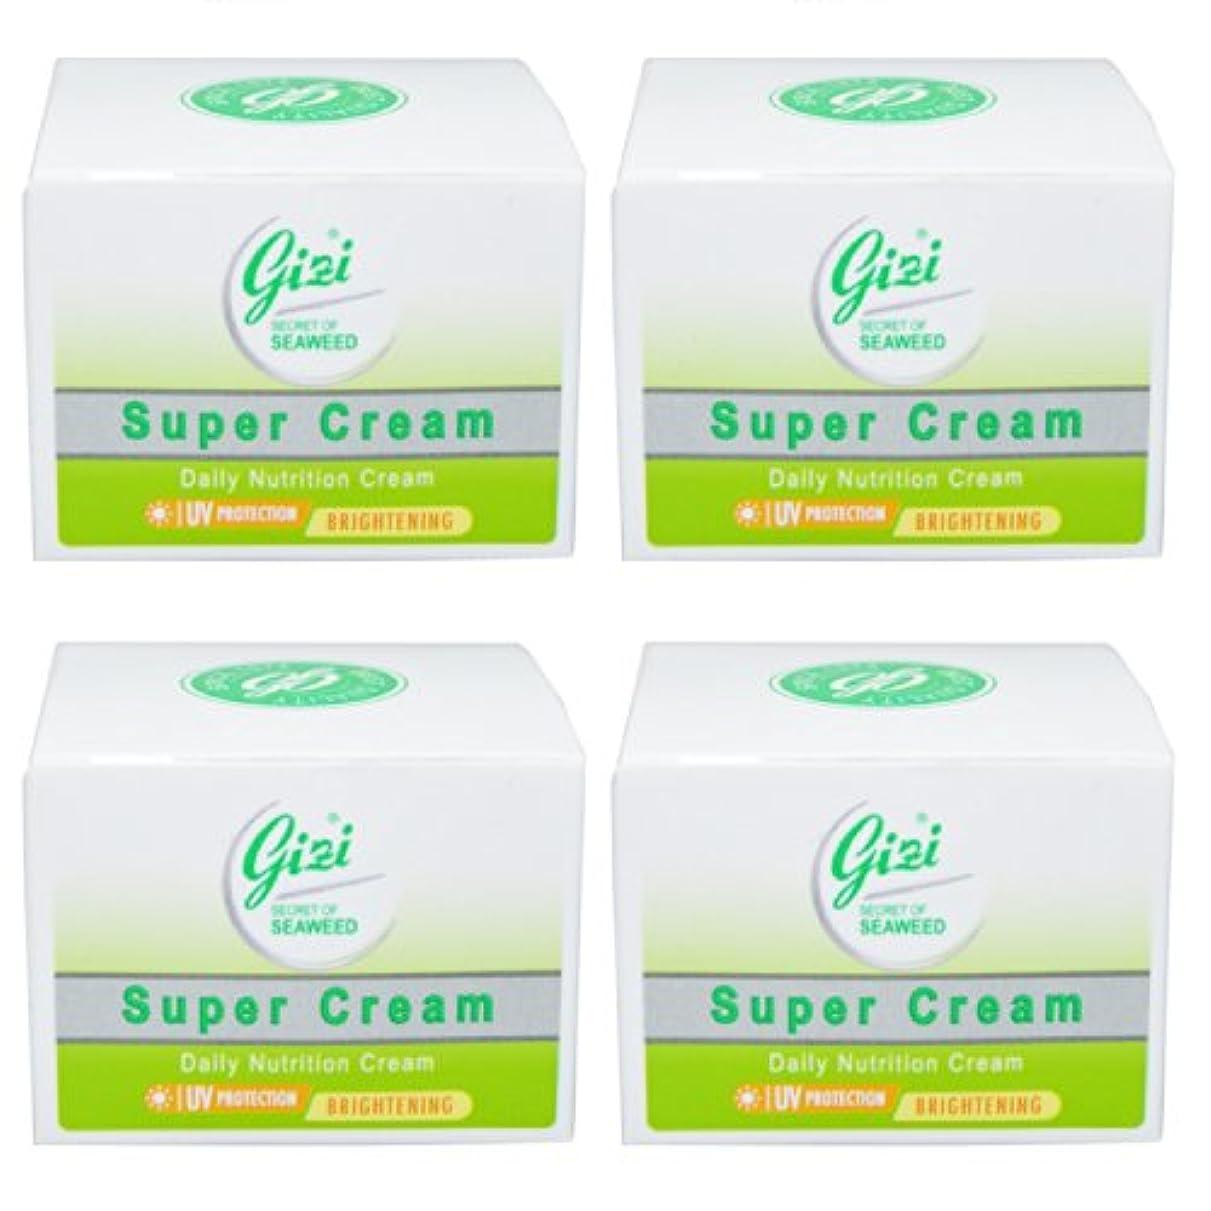 投資改修するばかげているGIZI Super Cream(ギジ スーパークリーム)フェイスクリーム9g 4個セット[並行輸入品][海外直送品]